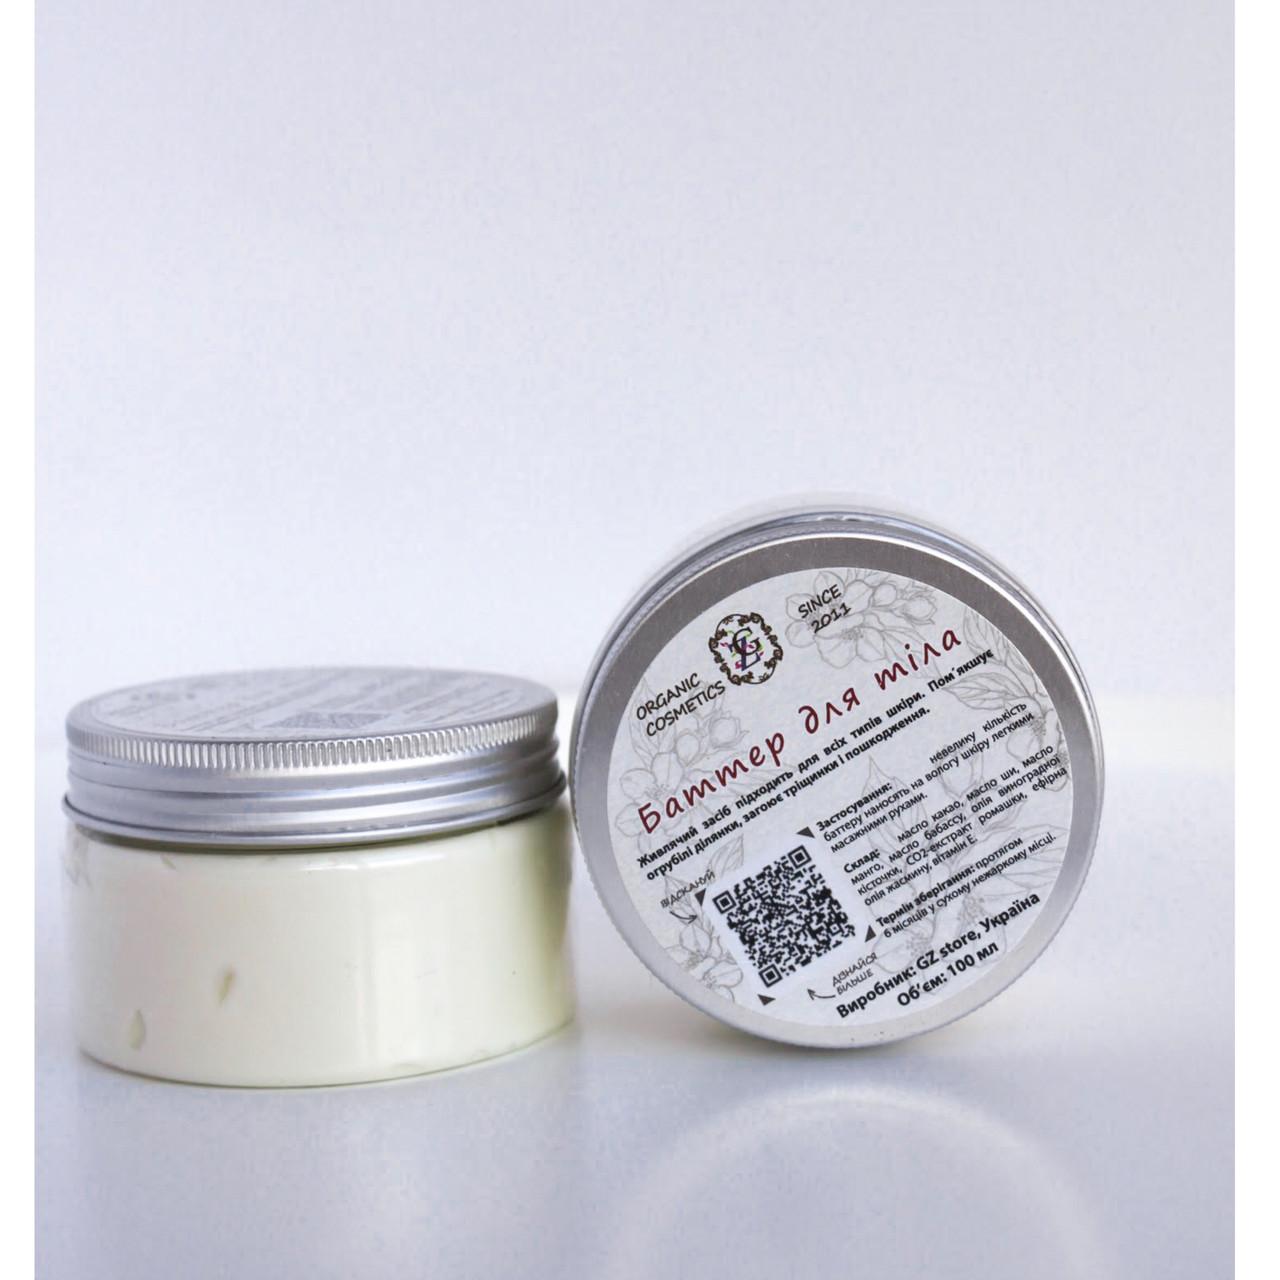 Баттер для тіла з олією Каріте, Какао, Манго 100мл - зберігає шкіру зволоженою, загоює тріщини, живить